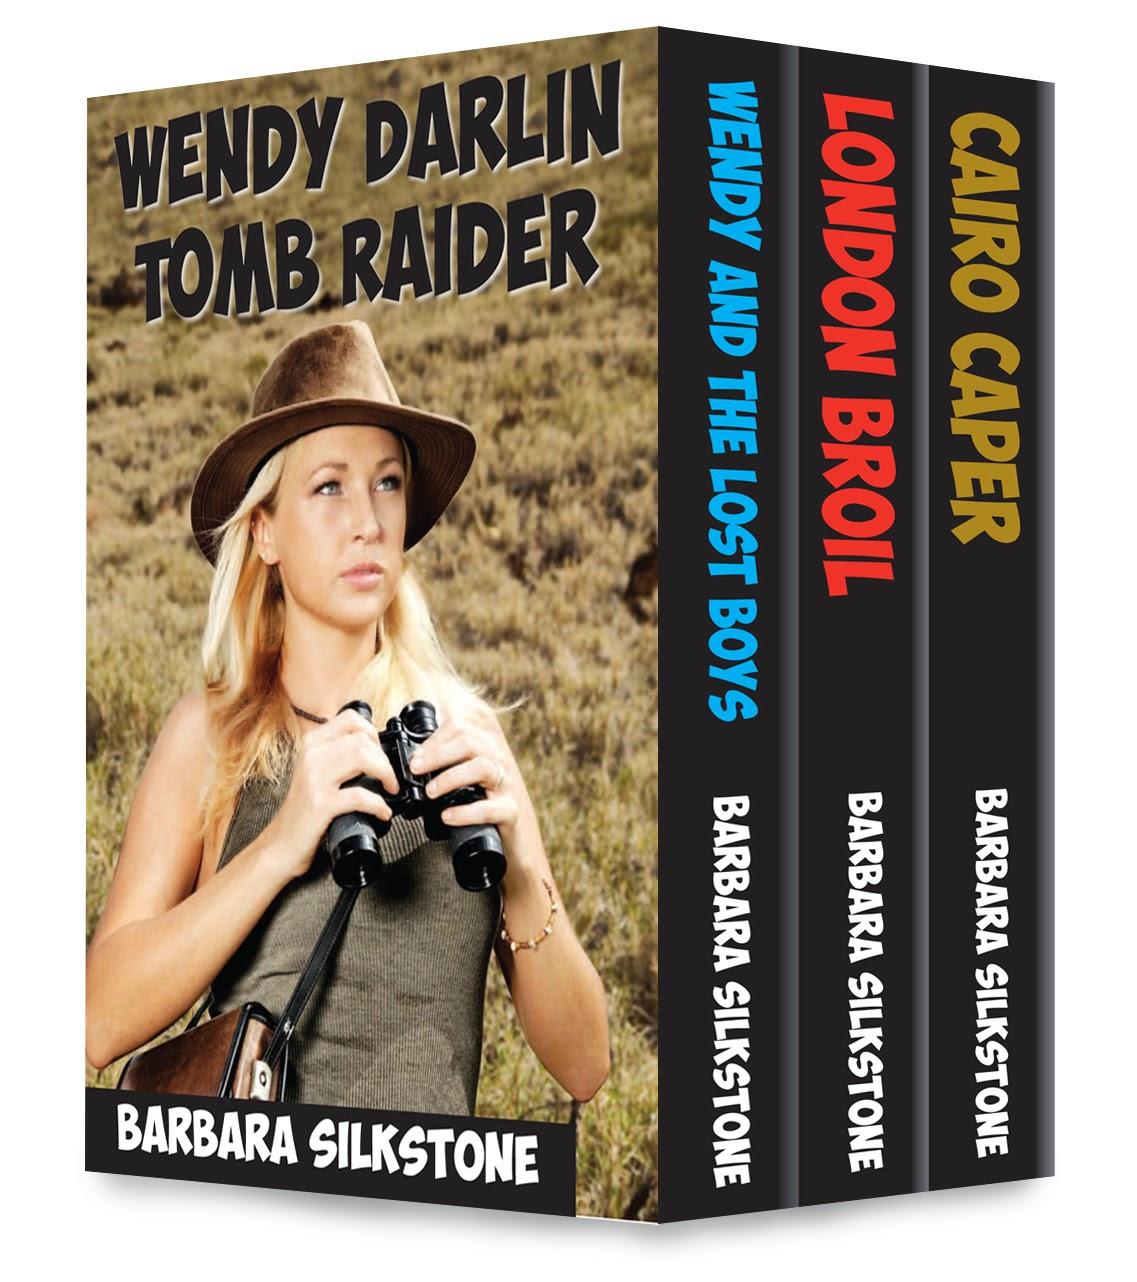 Wendy Darlin Tomb Raider - Boxed Set